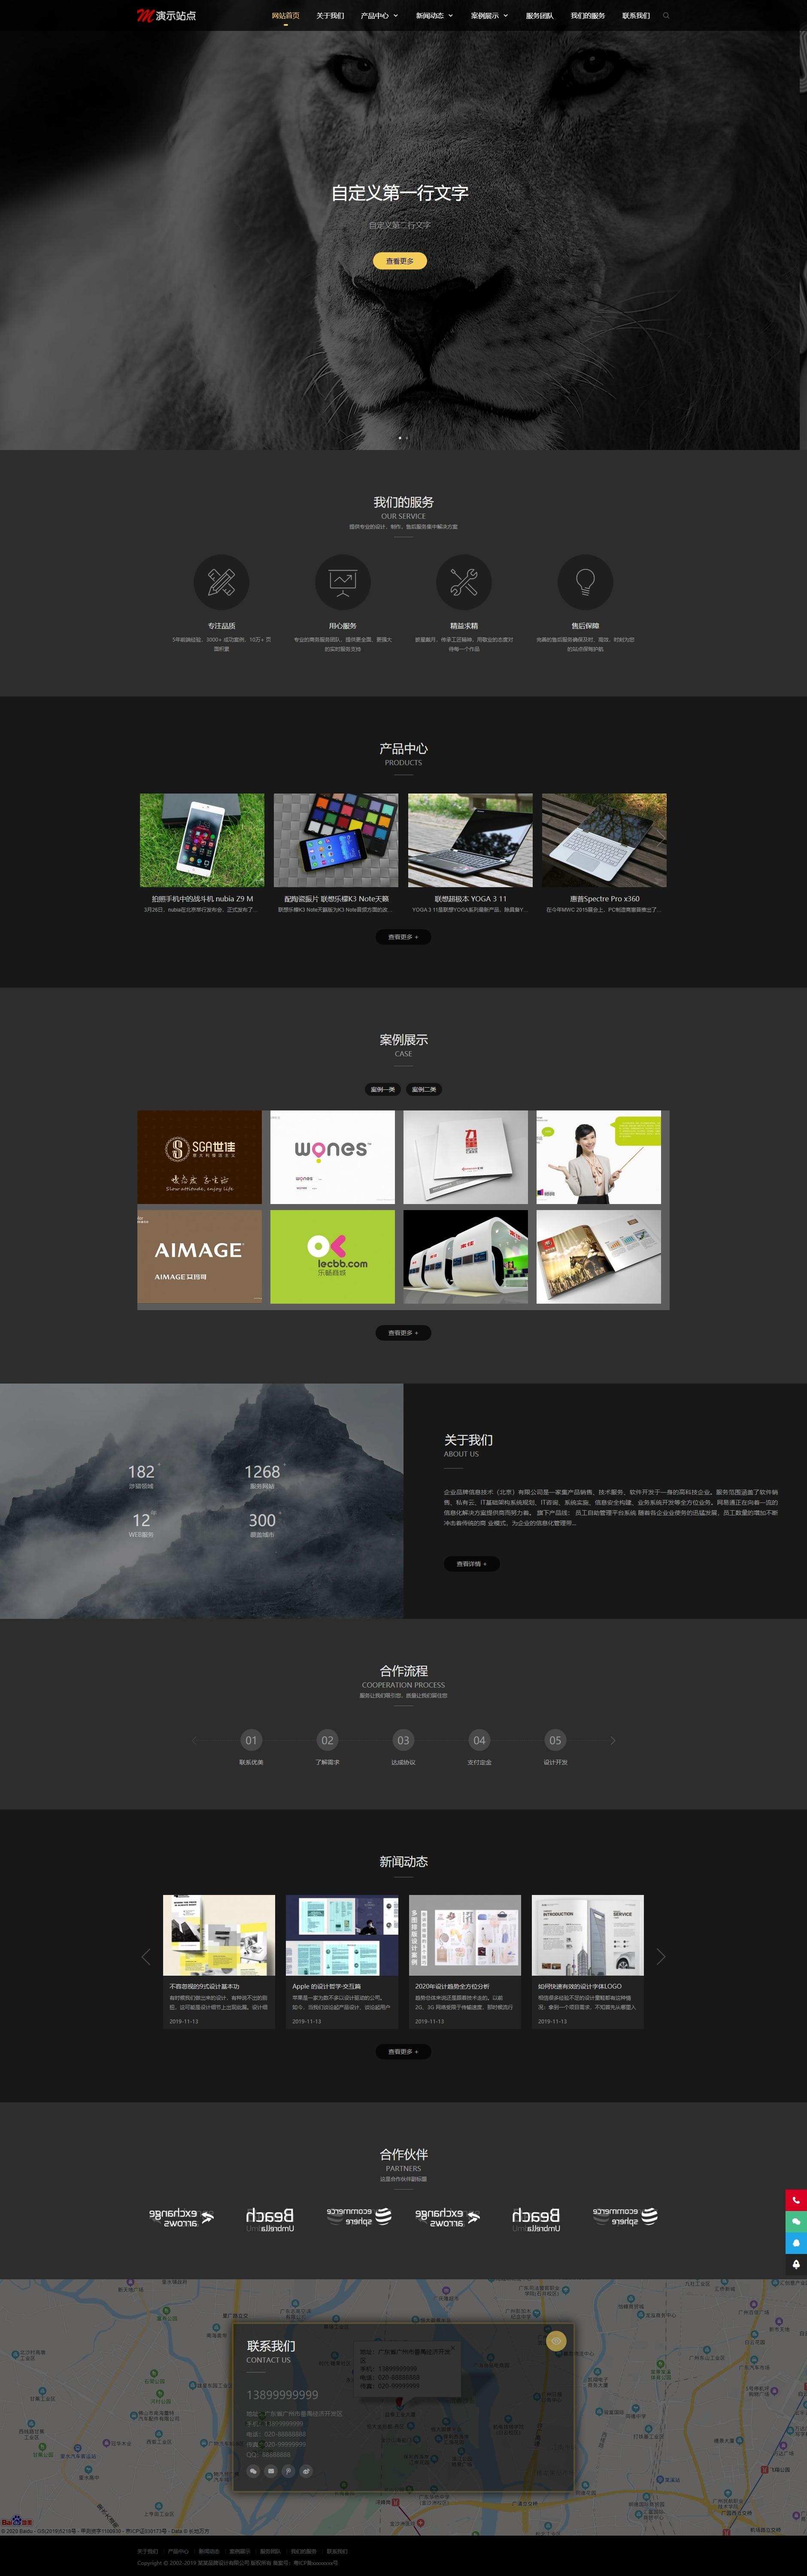 品牌设计类网站筱航CMS模板自适应模板